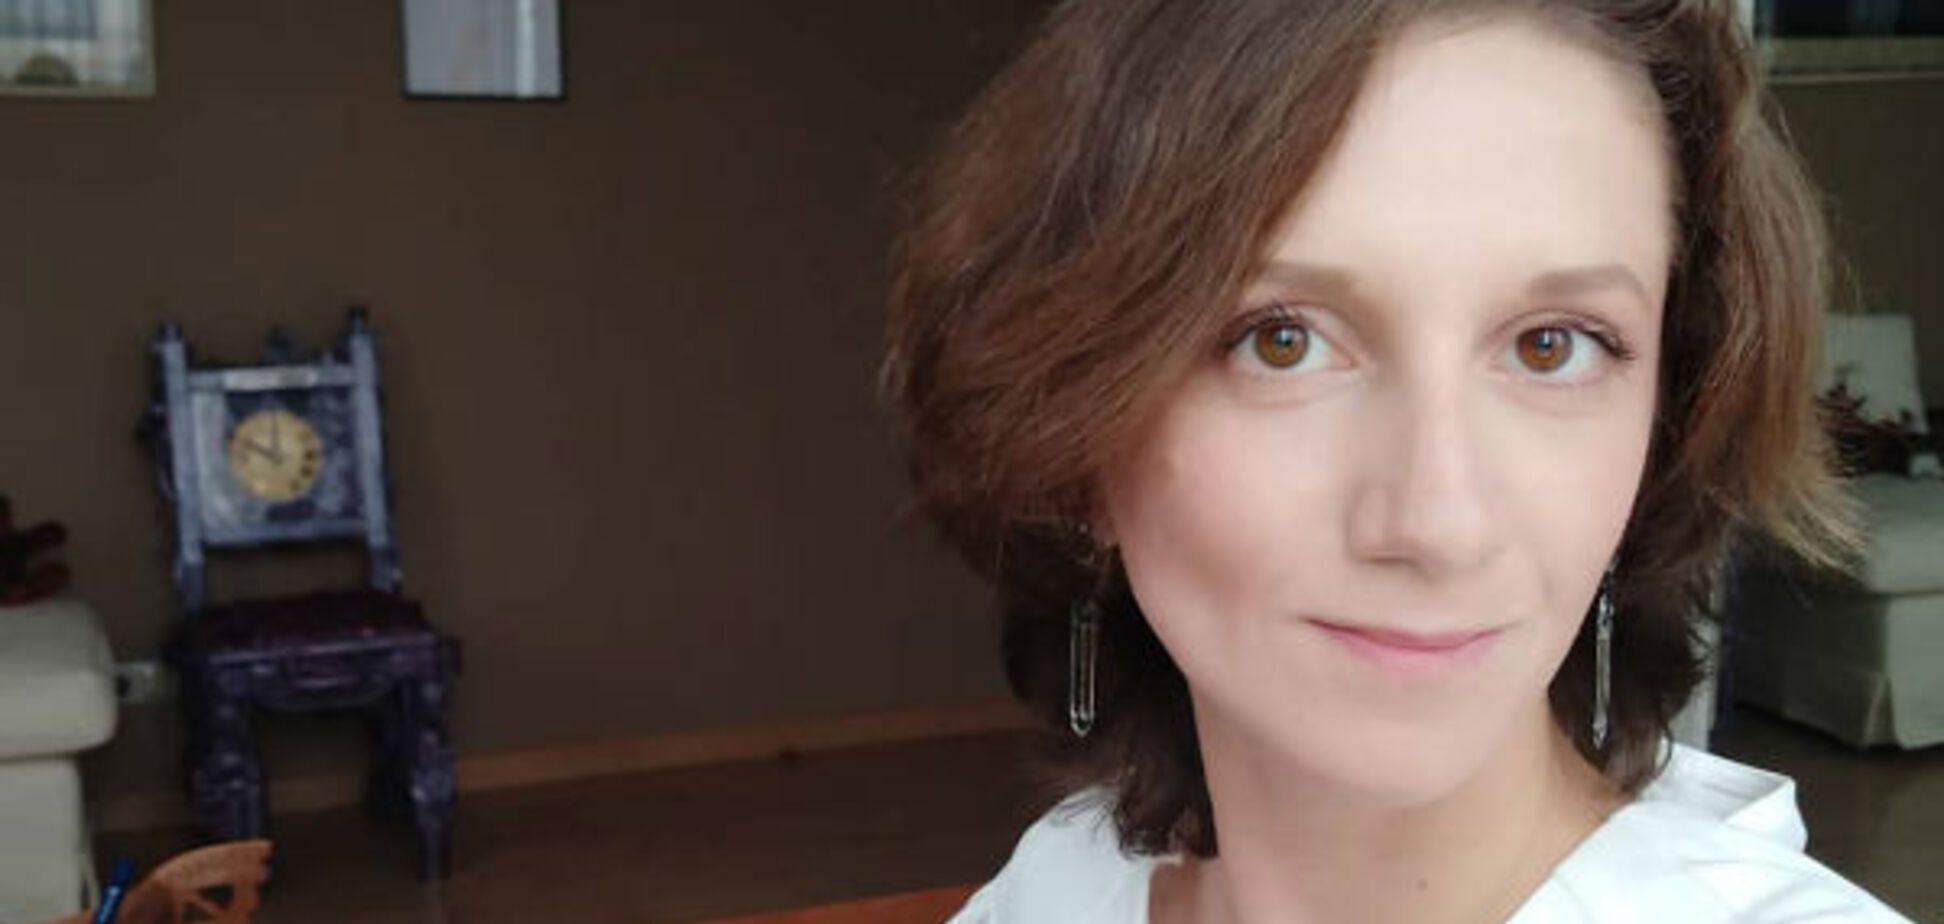 Младше на 30 лет и училась в Киеве: что известно о новой жене Макаревича